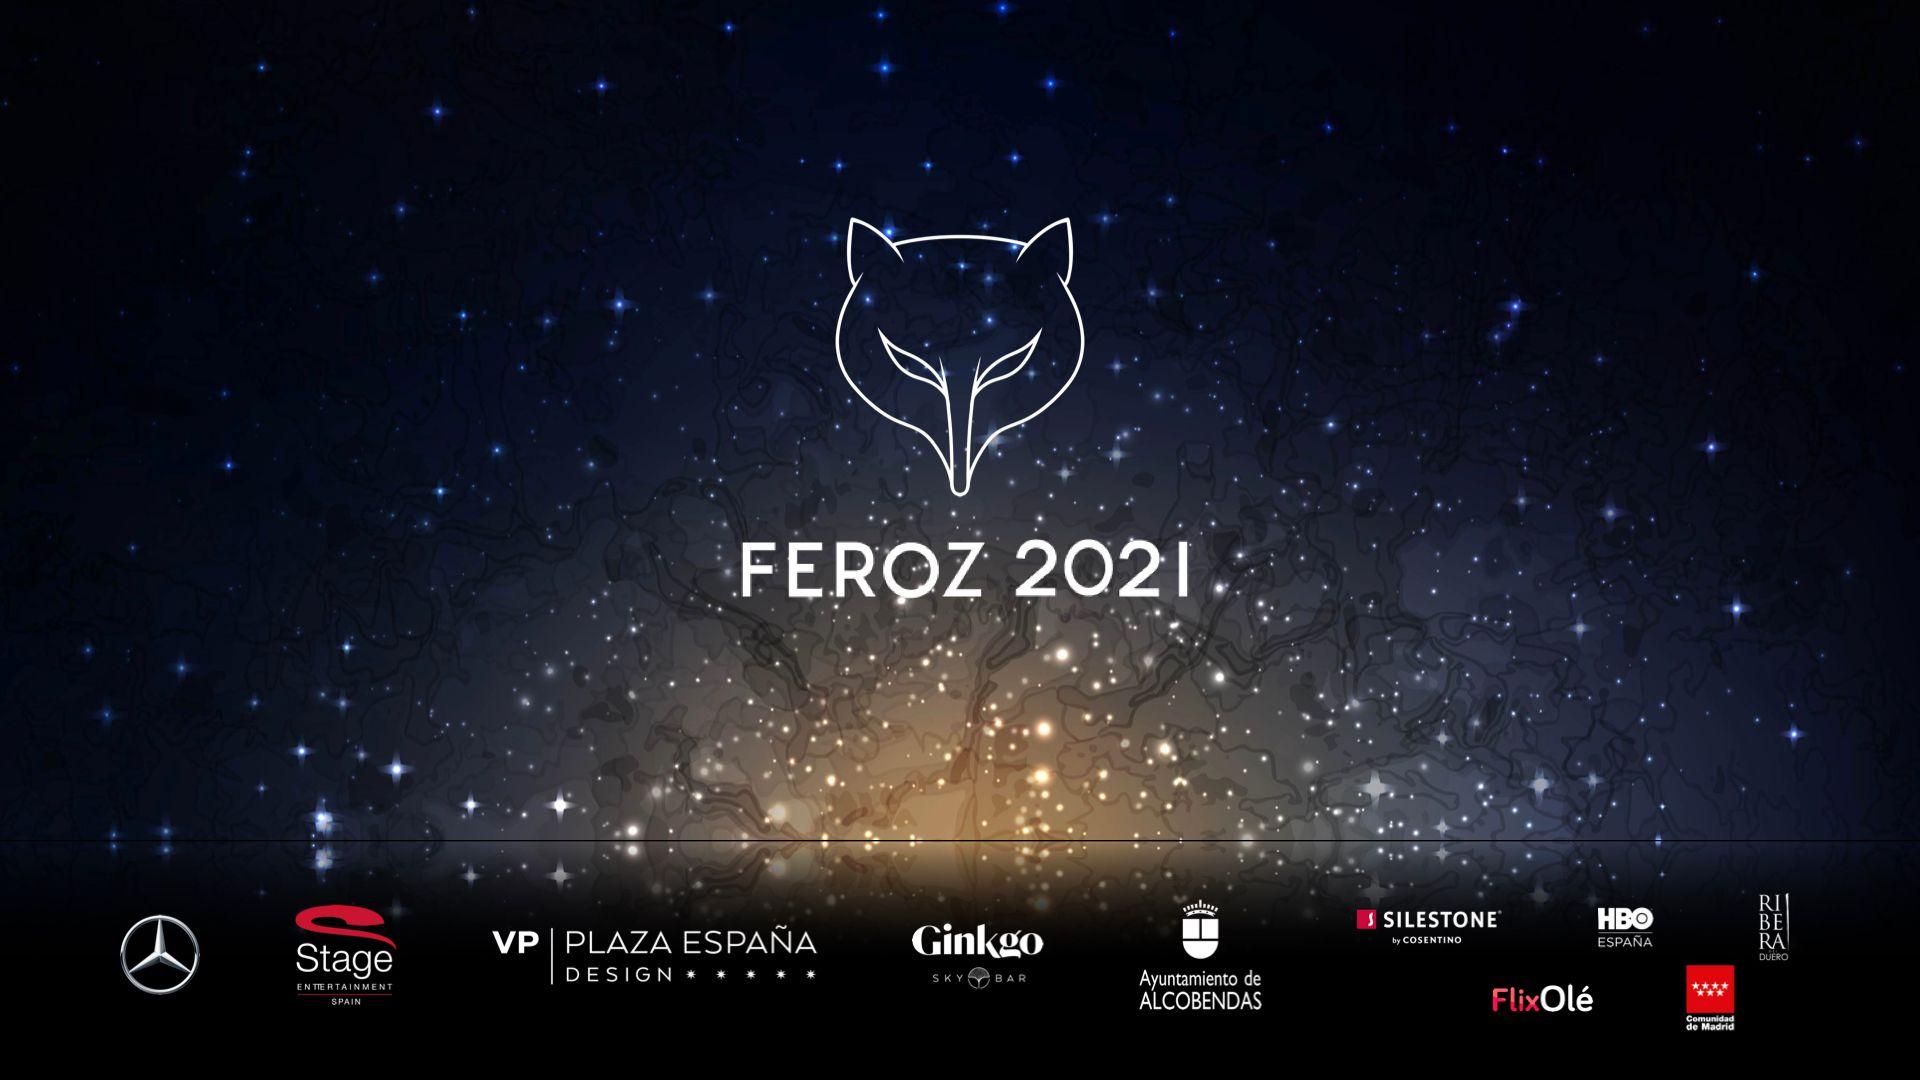 'Las niñas' y 'Antidisturbios' triunfan en los Premios Feroz 2021